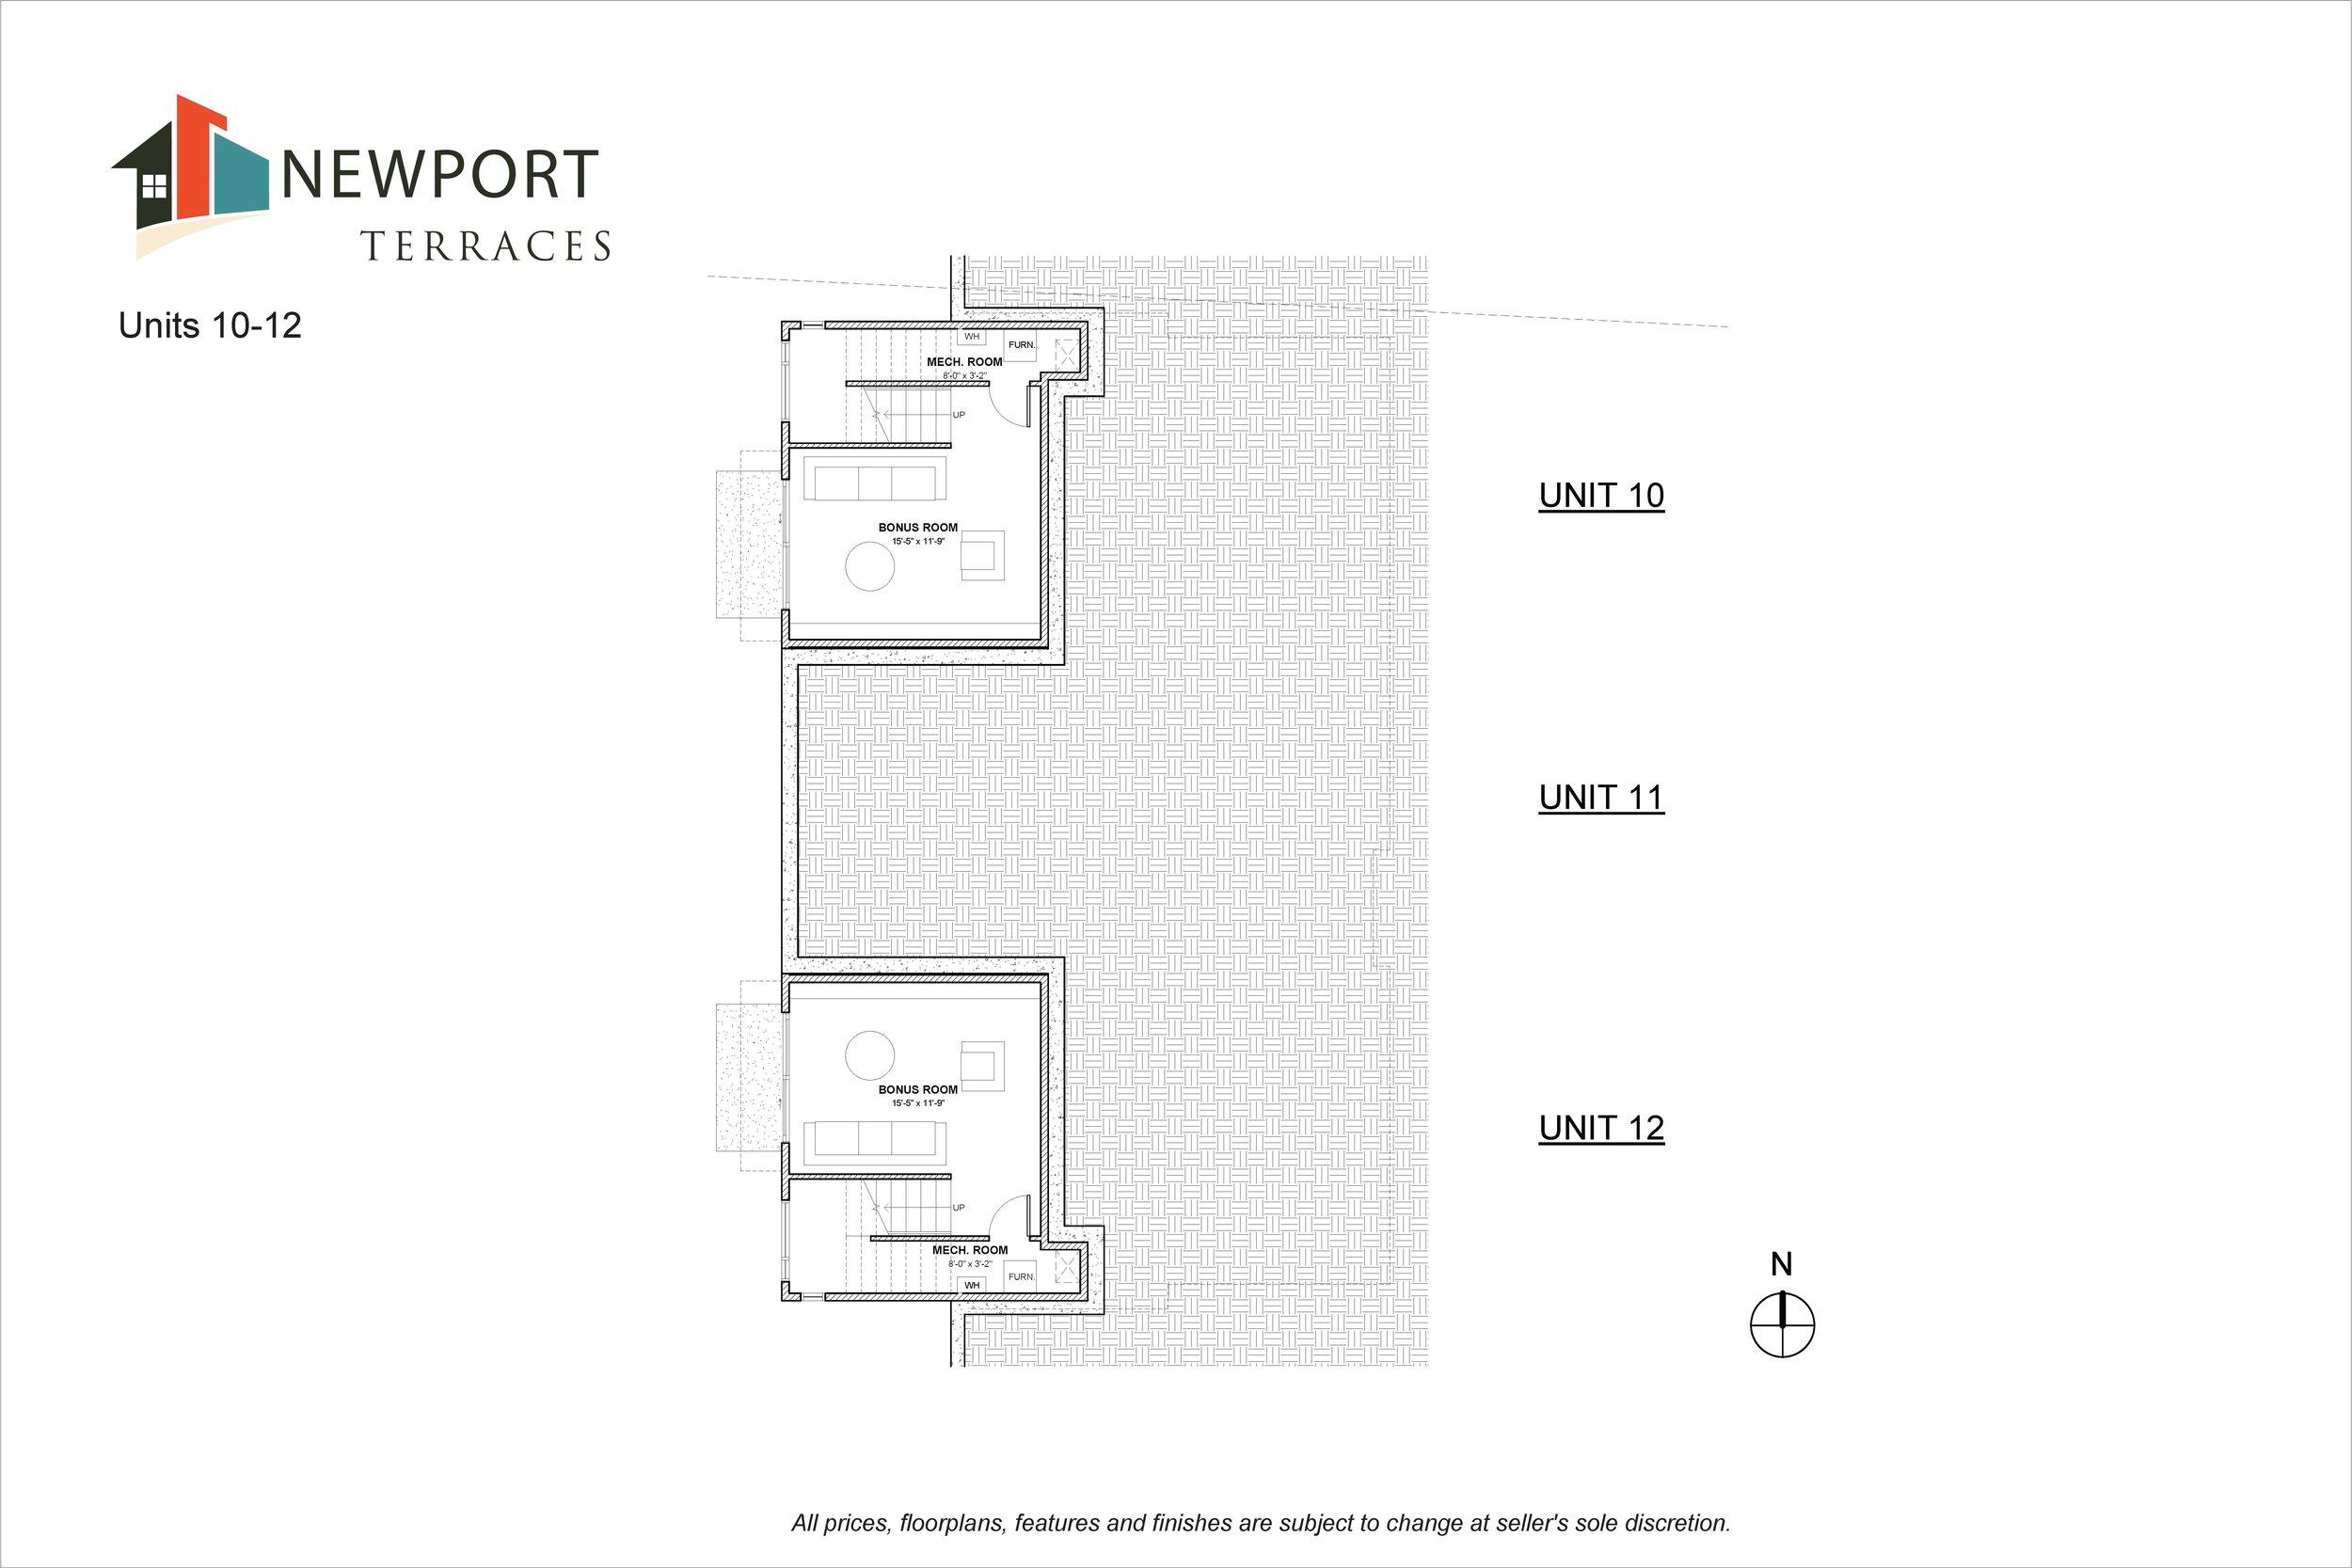 Newport Floorplans L10  L11 L12_Page_1.jpg